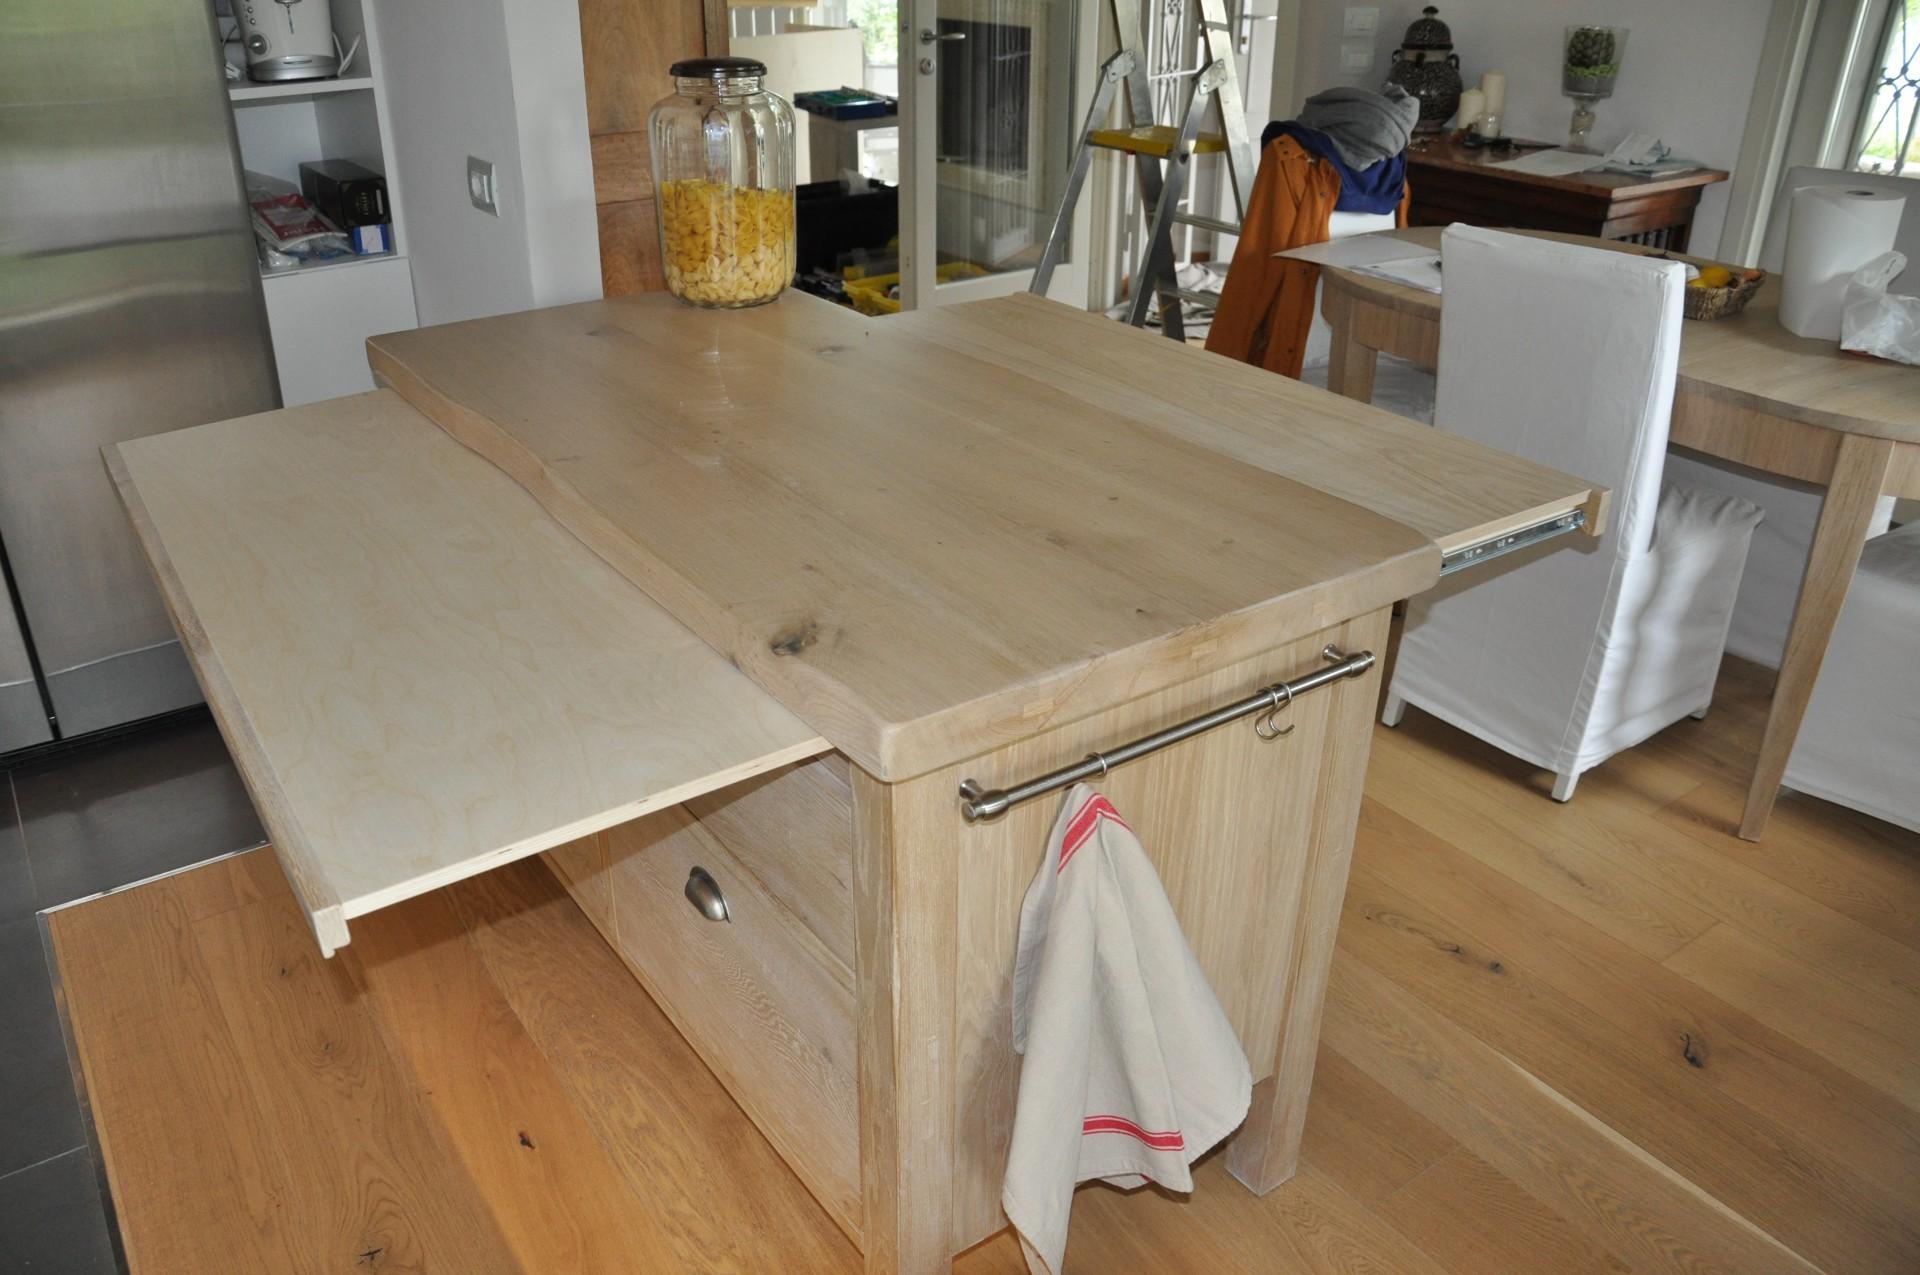 Banconi e isole per cucina fadini mobili cerea verona - Bancone per cucina ...